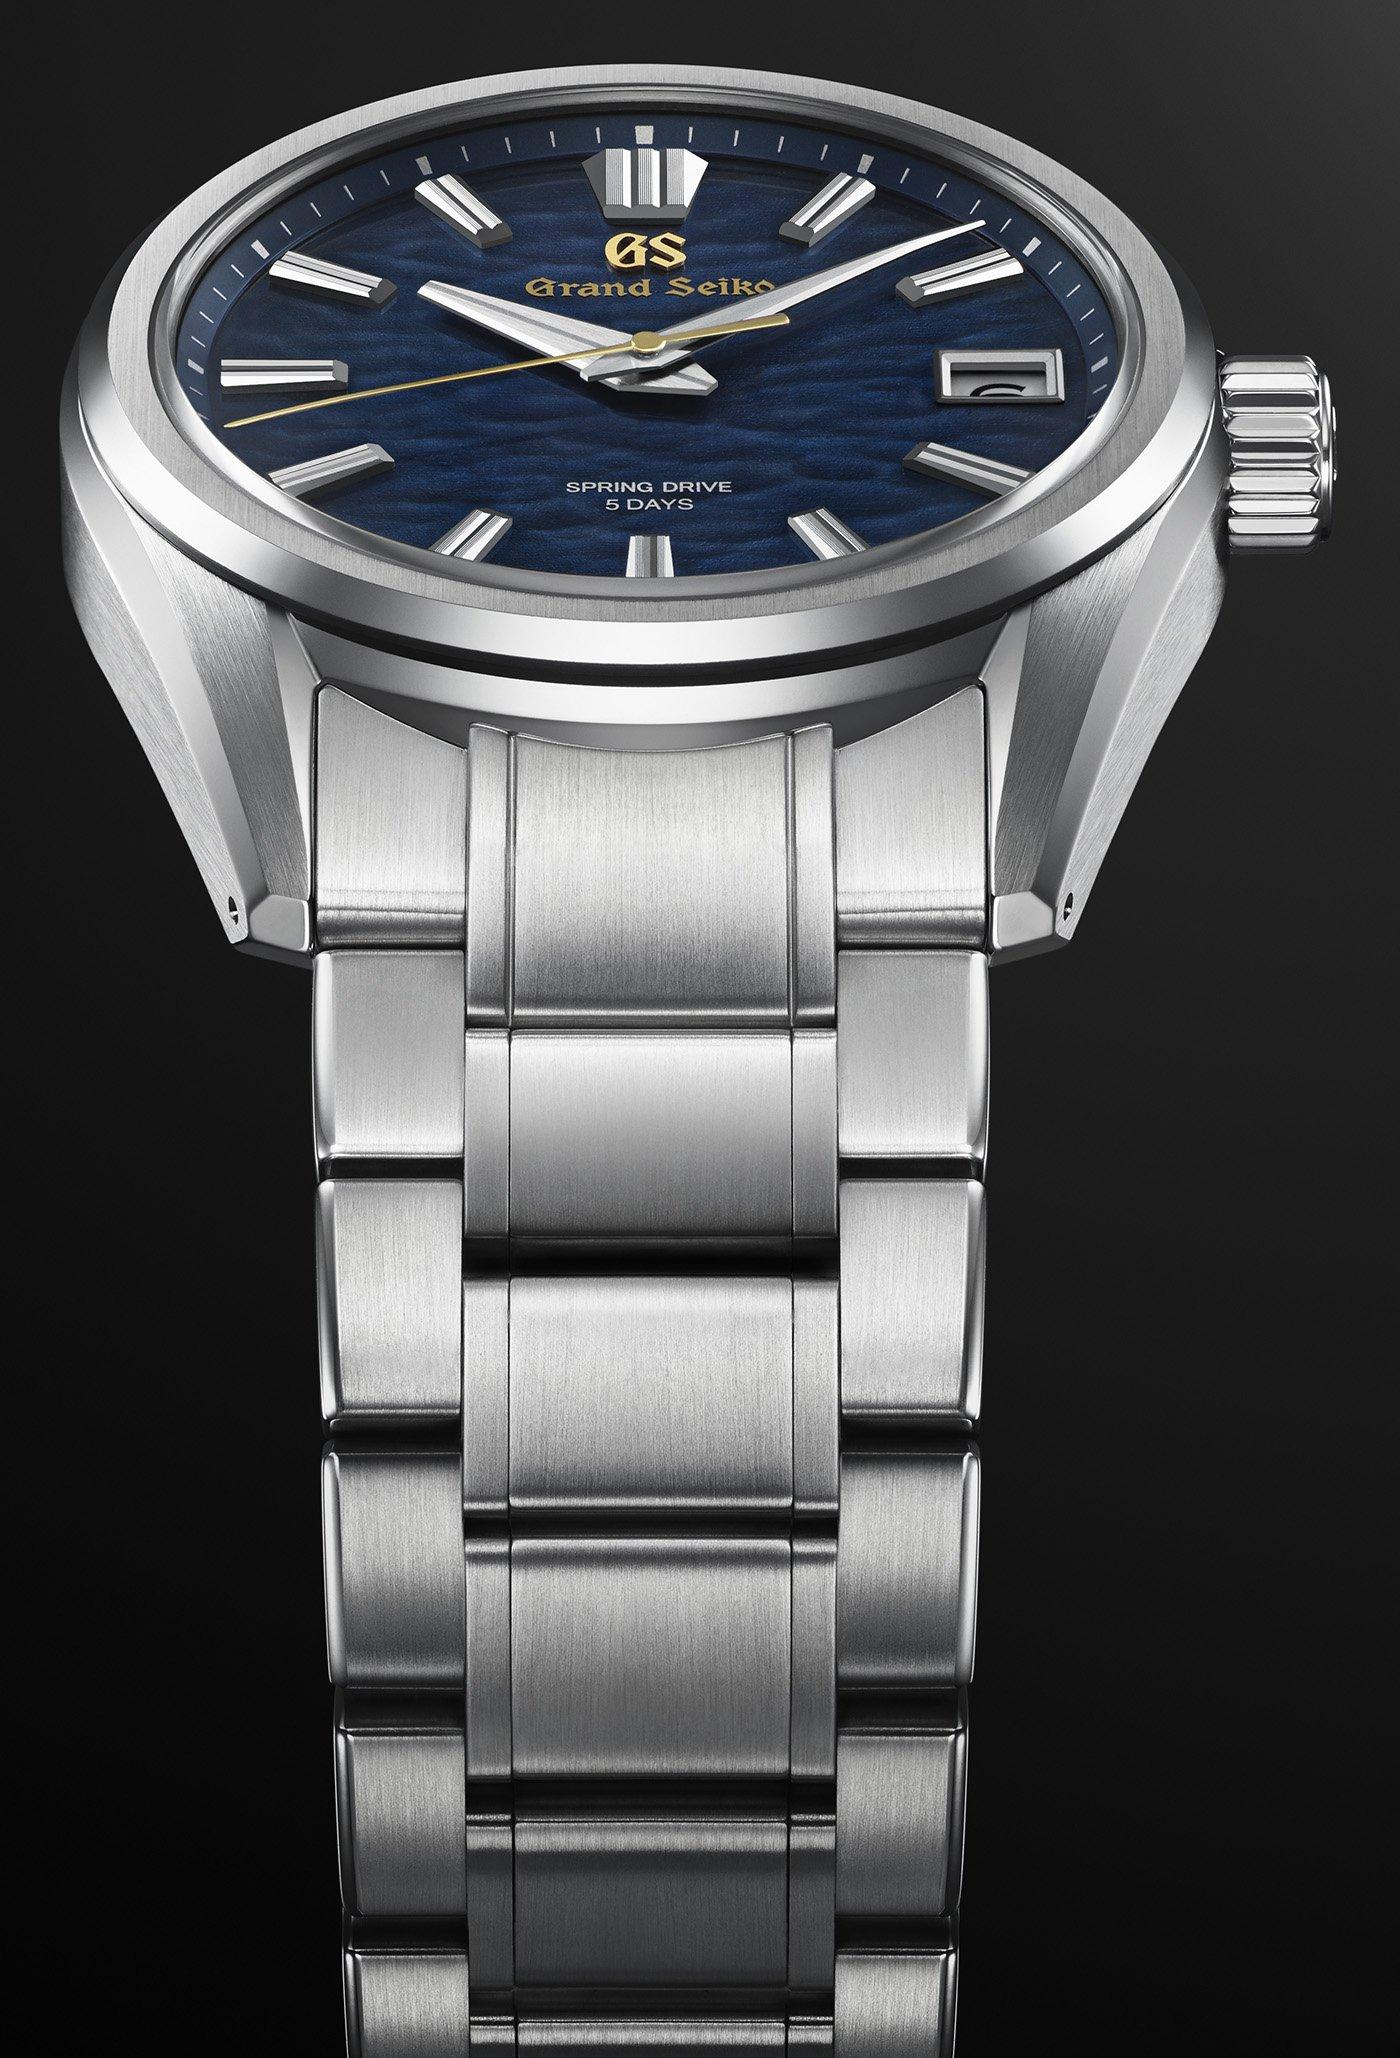 Grand Seiko представляет ограниченную серию часов SLGA007 и SLGA008 Spring Drive